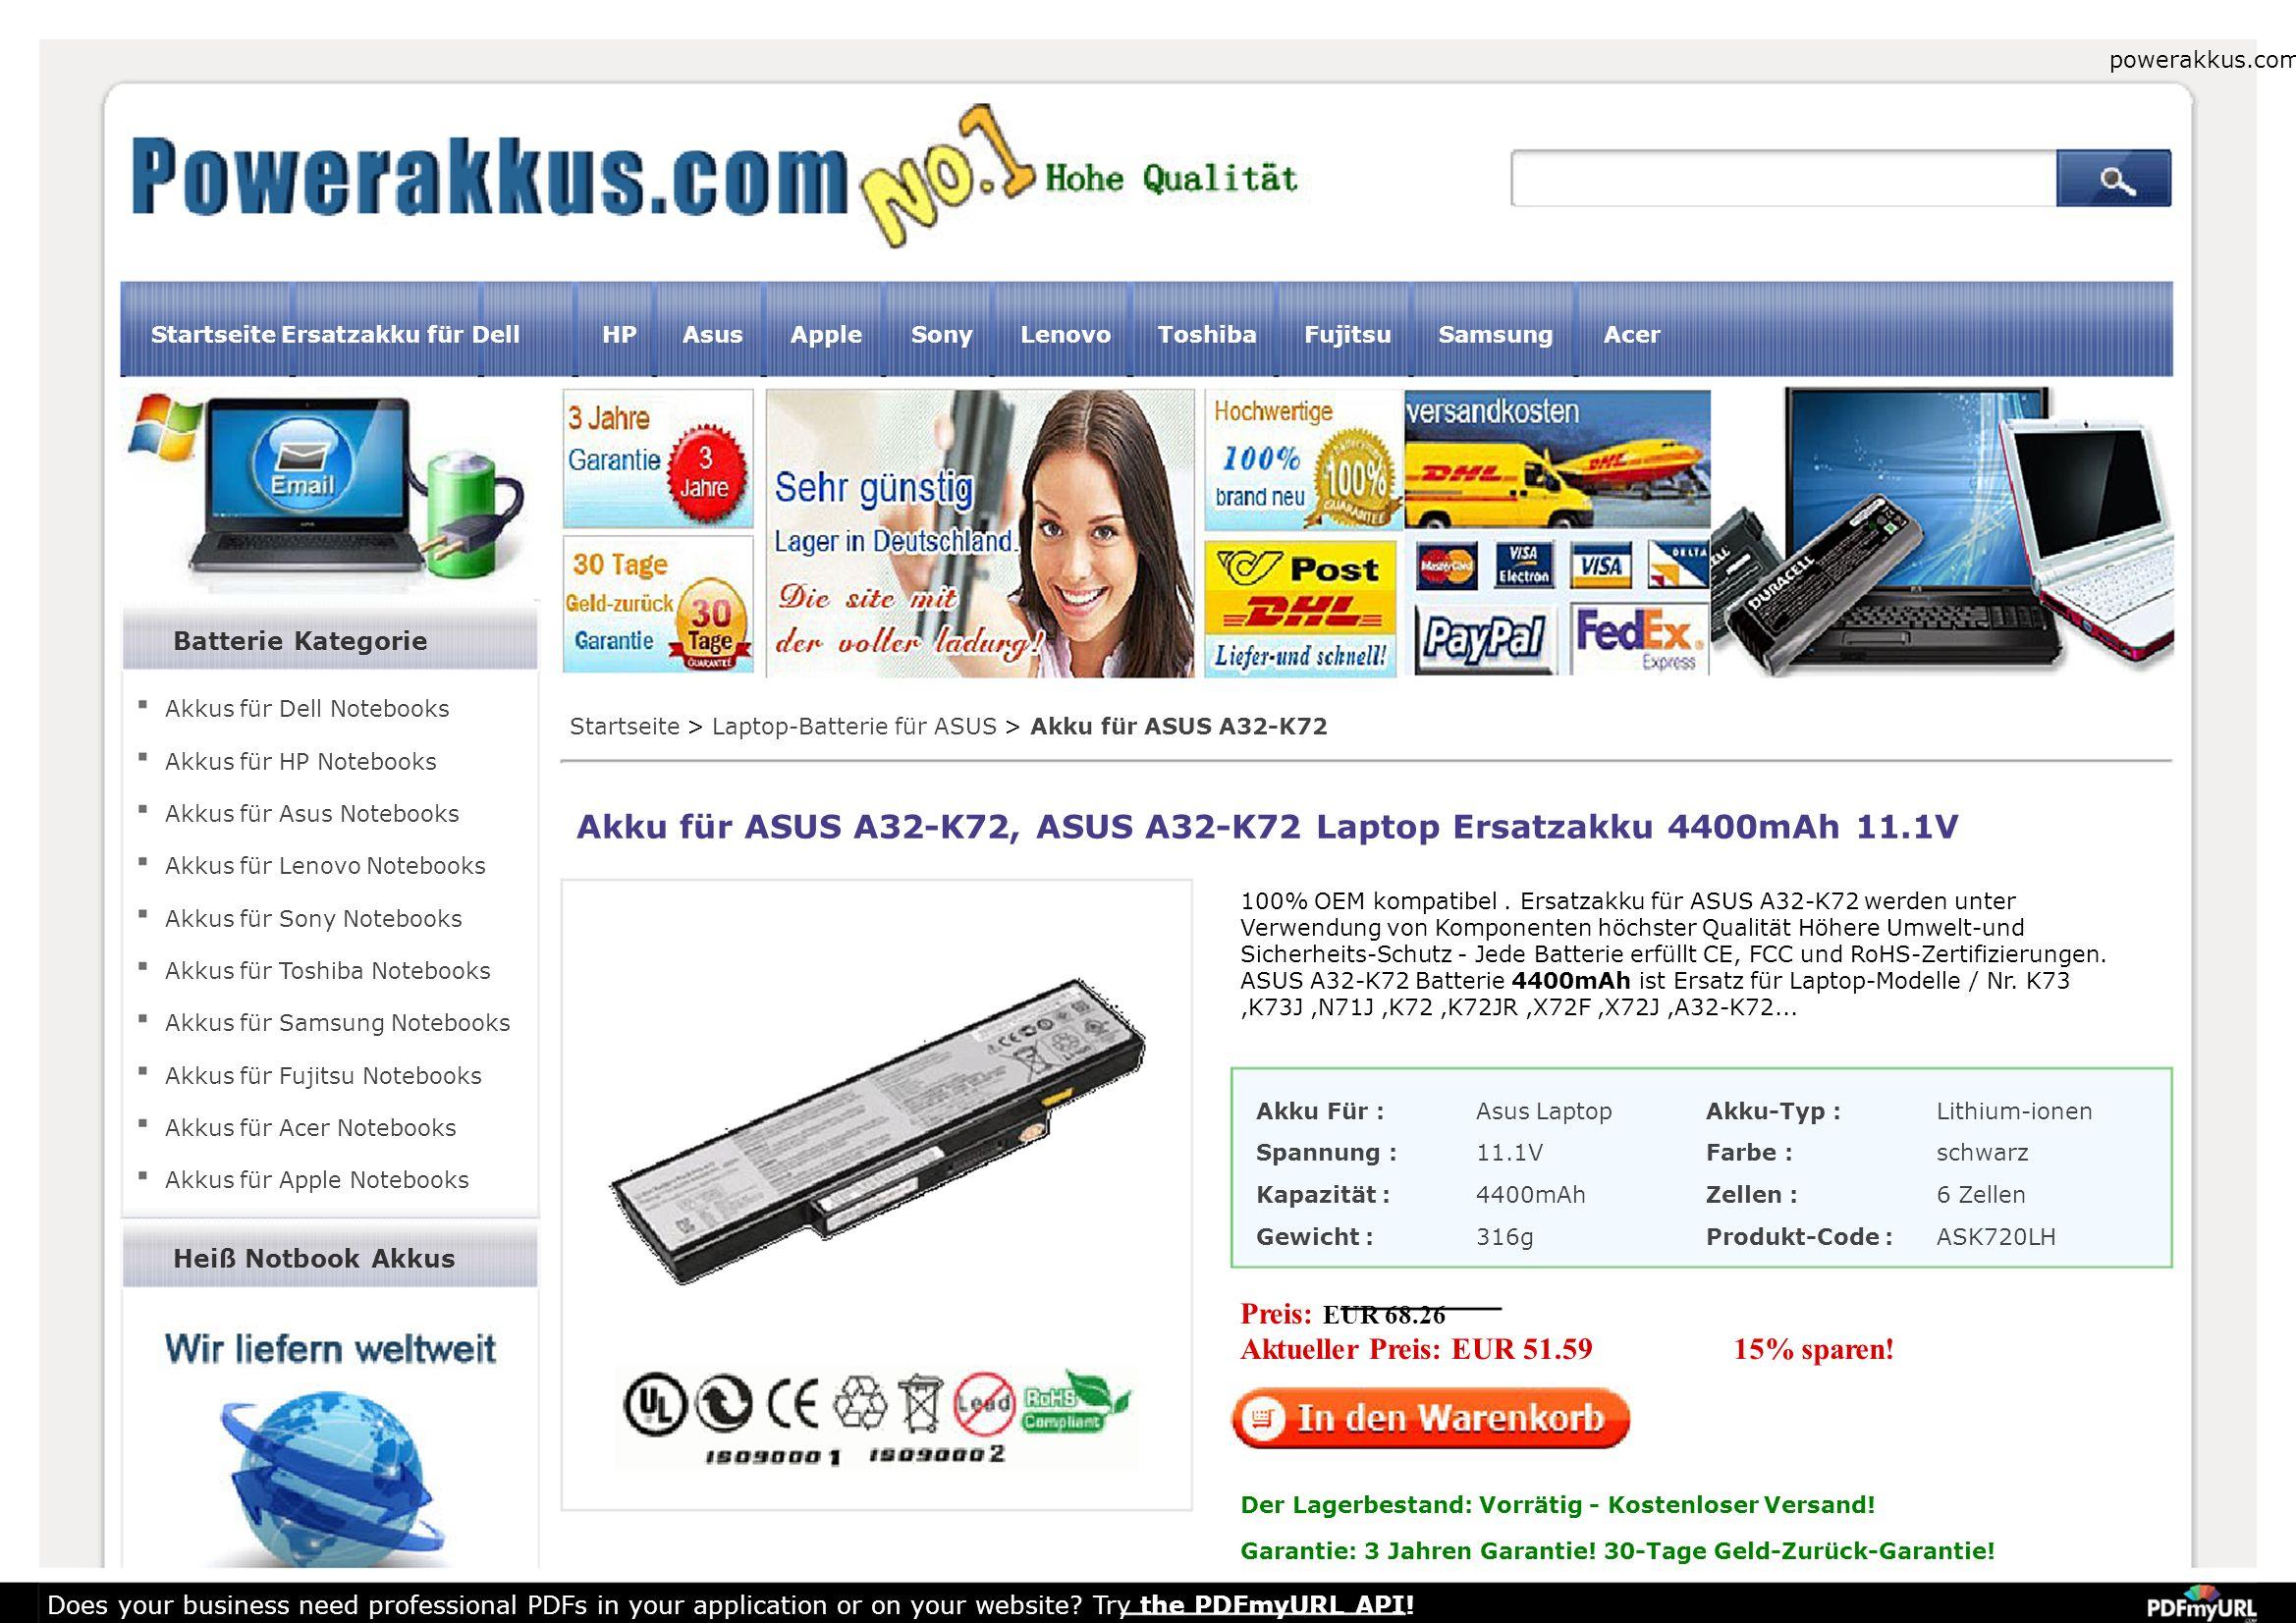 Akku für ASUS A32-K72, ASUS A32-K72 Laptop Ersatzakku 6600mAh 11.1V 100% OEM kompatibel.